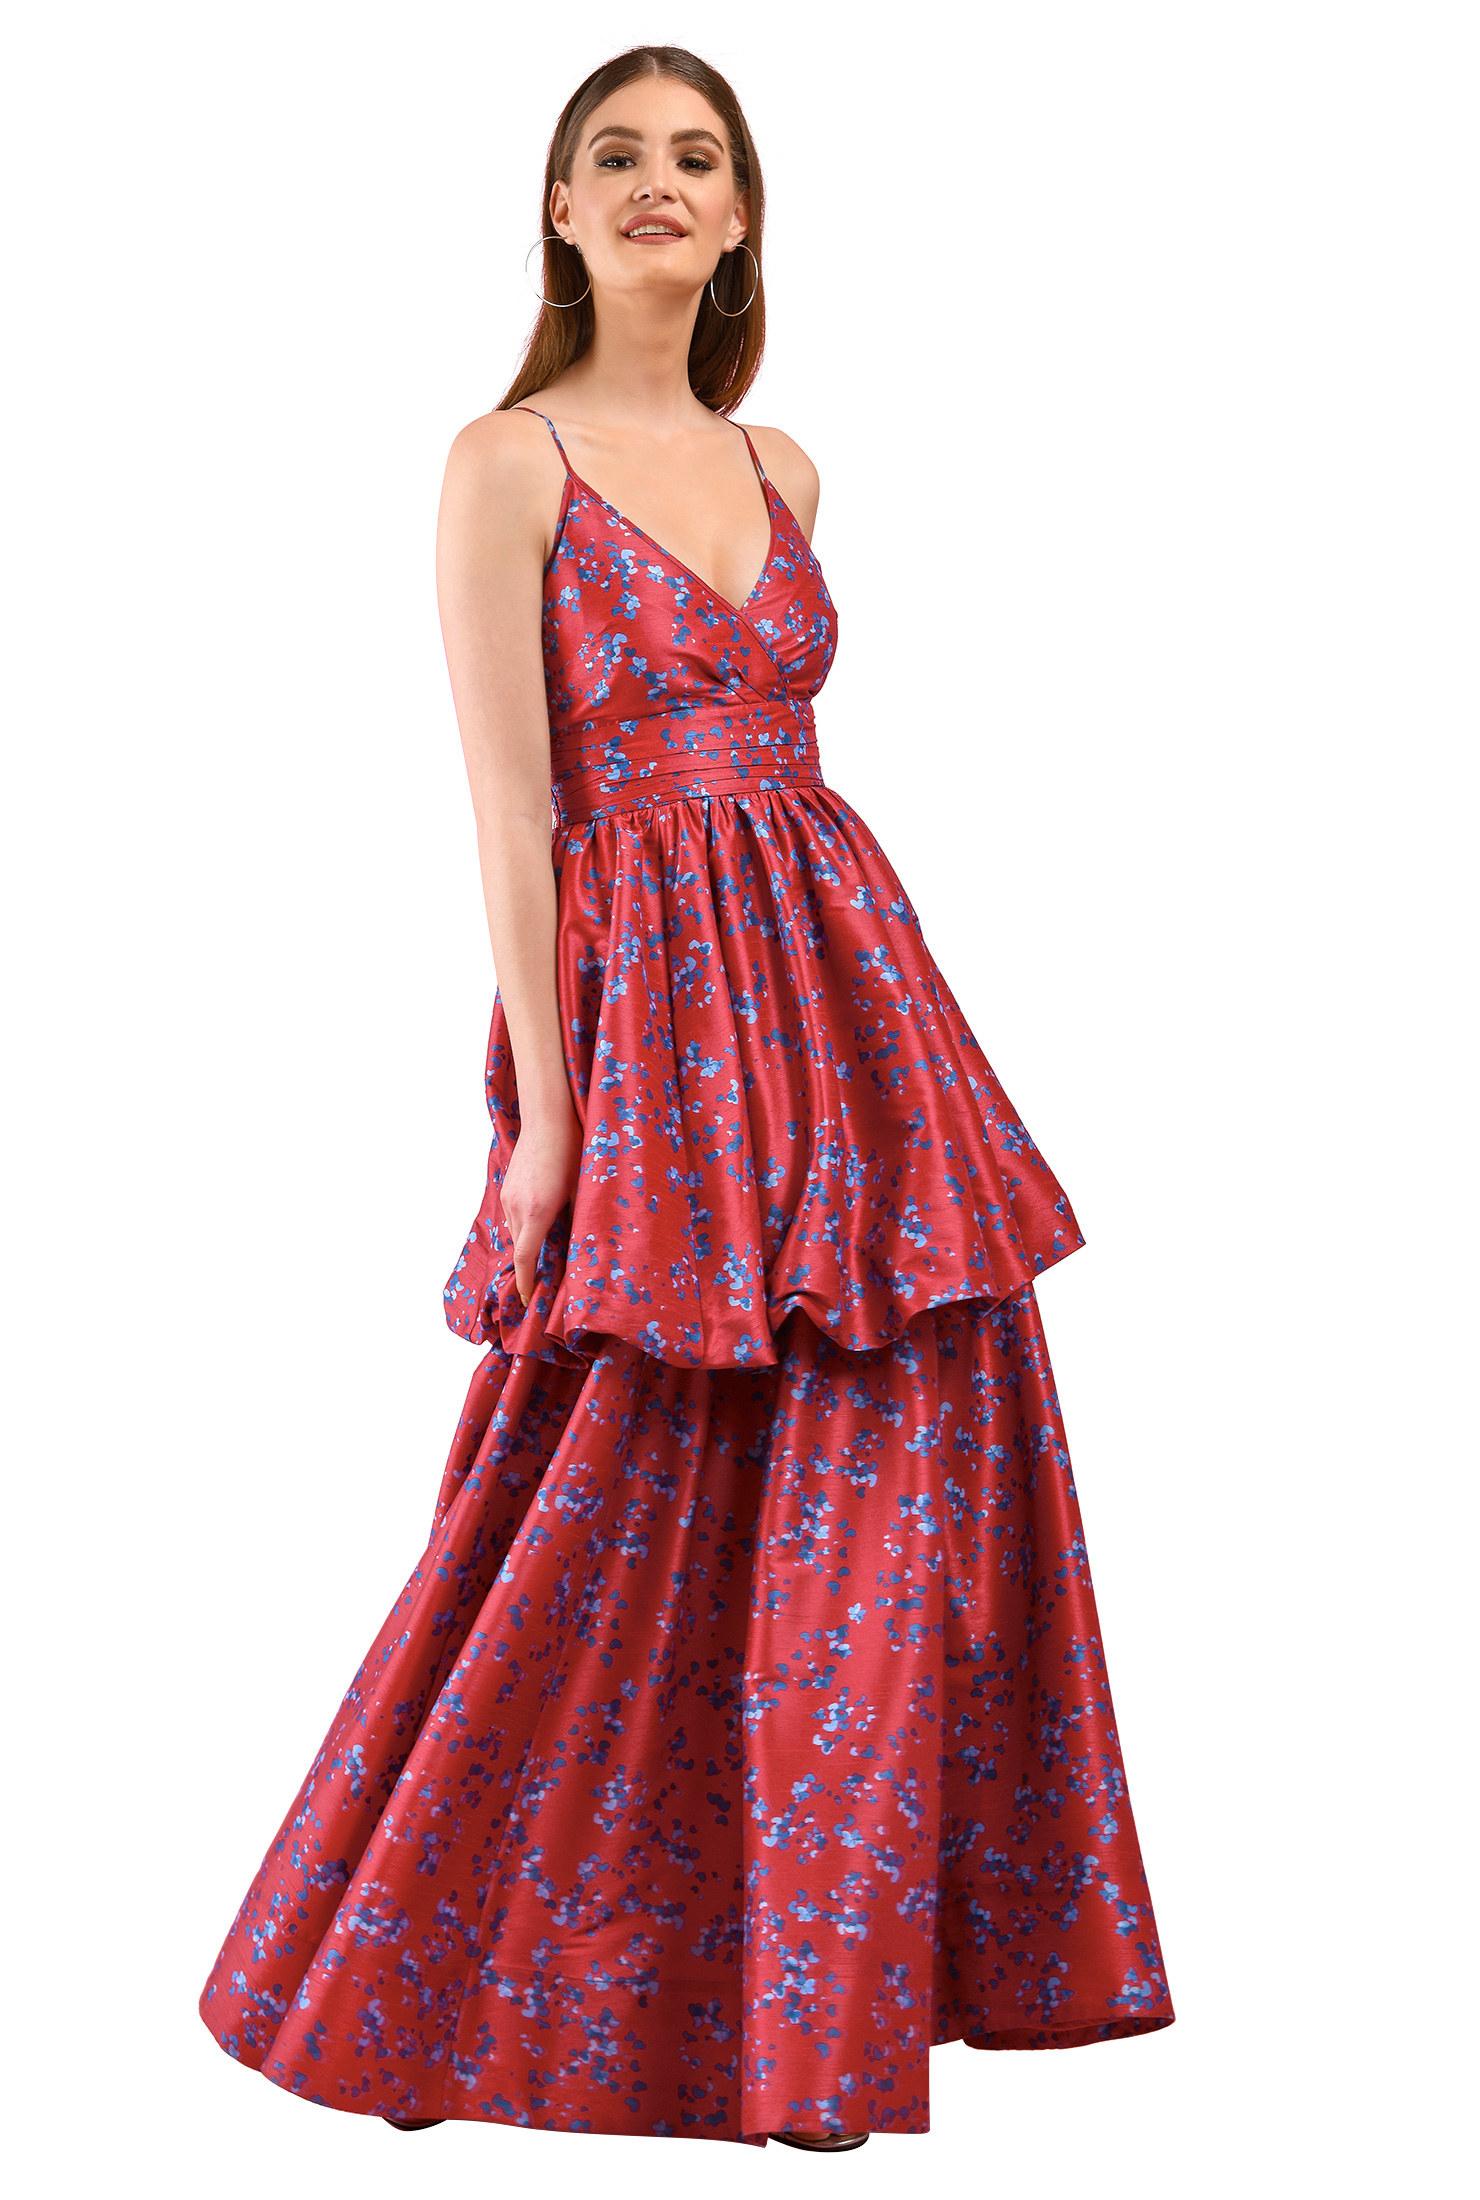 The Best Places To Buy A Unique Prom Dress Online ba469569c